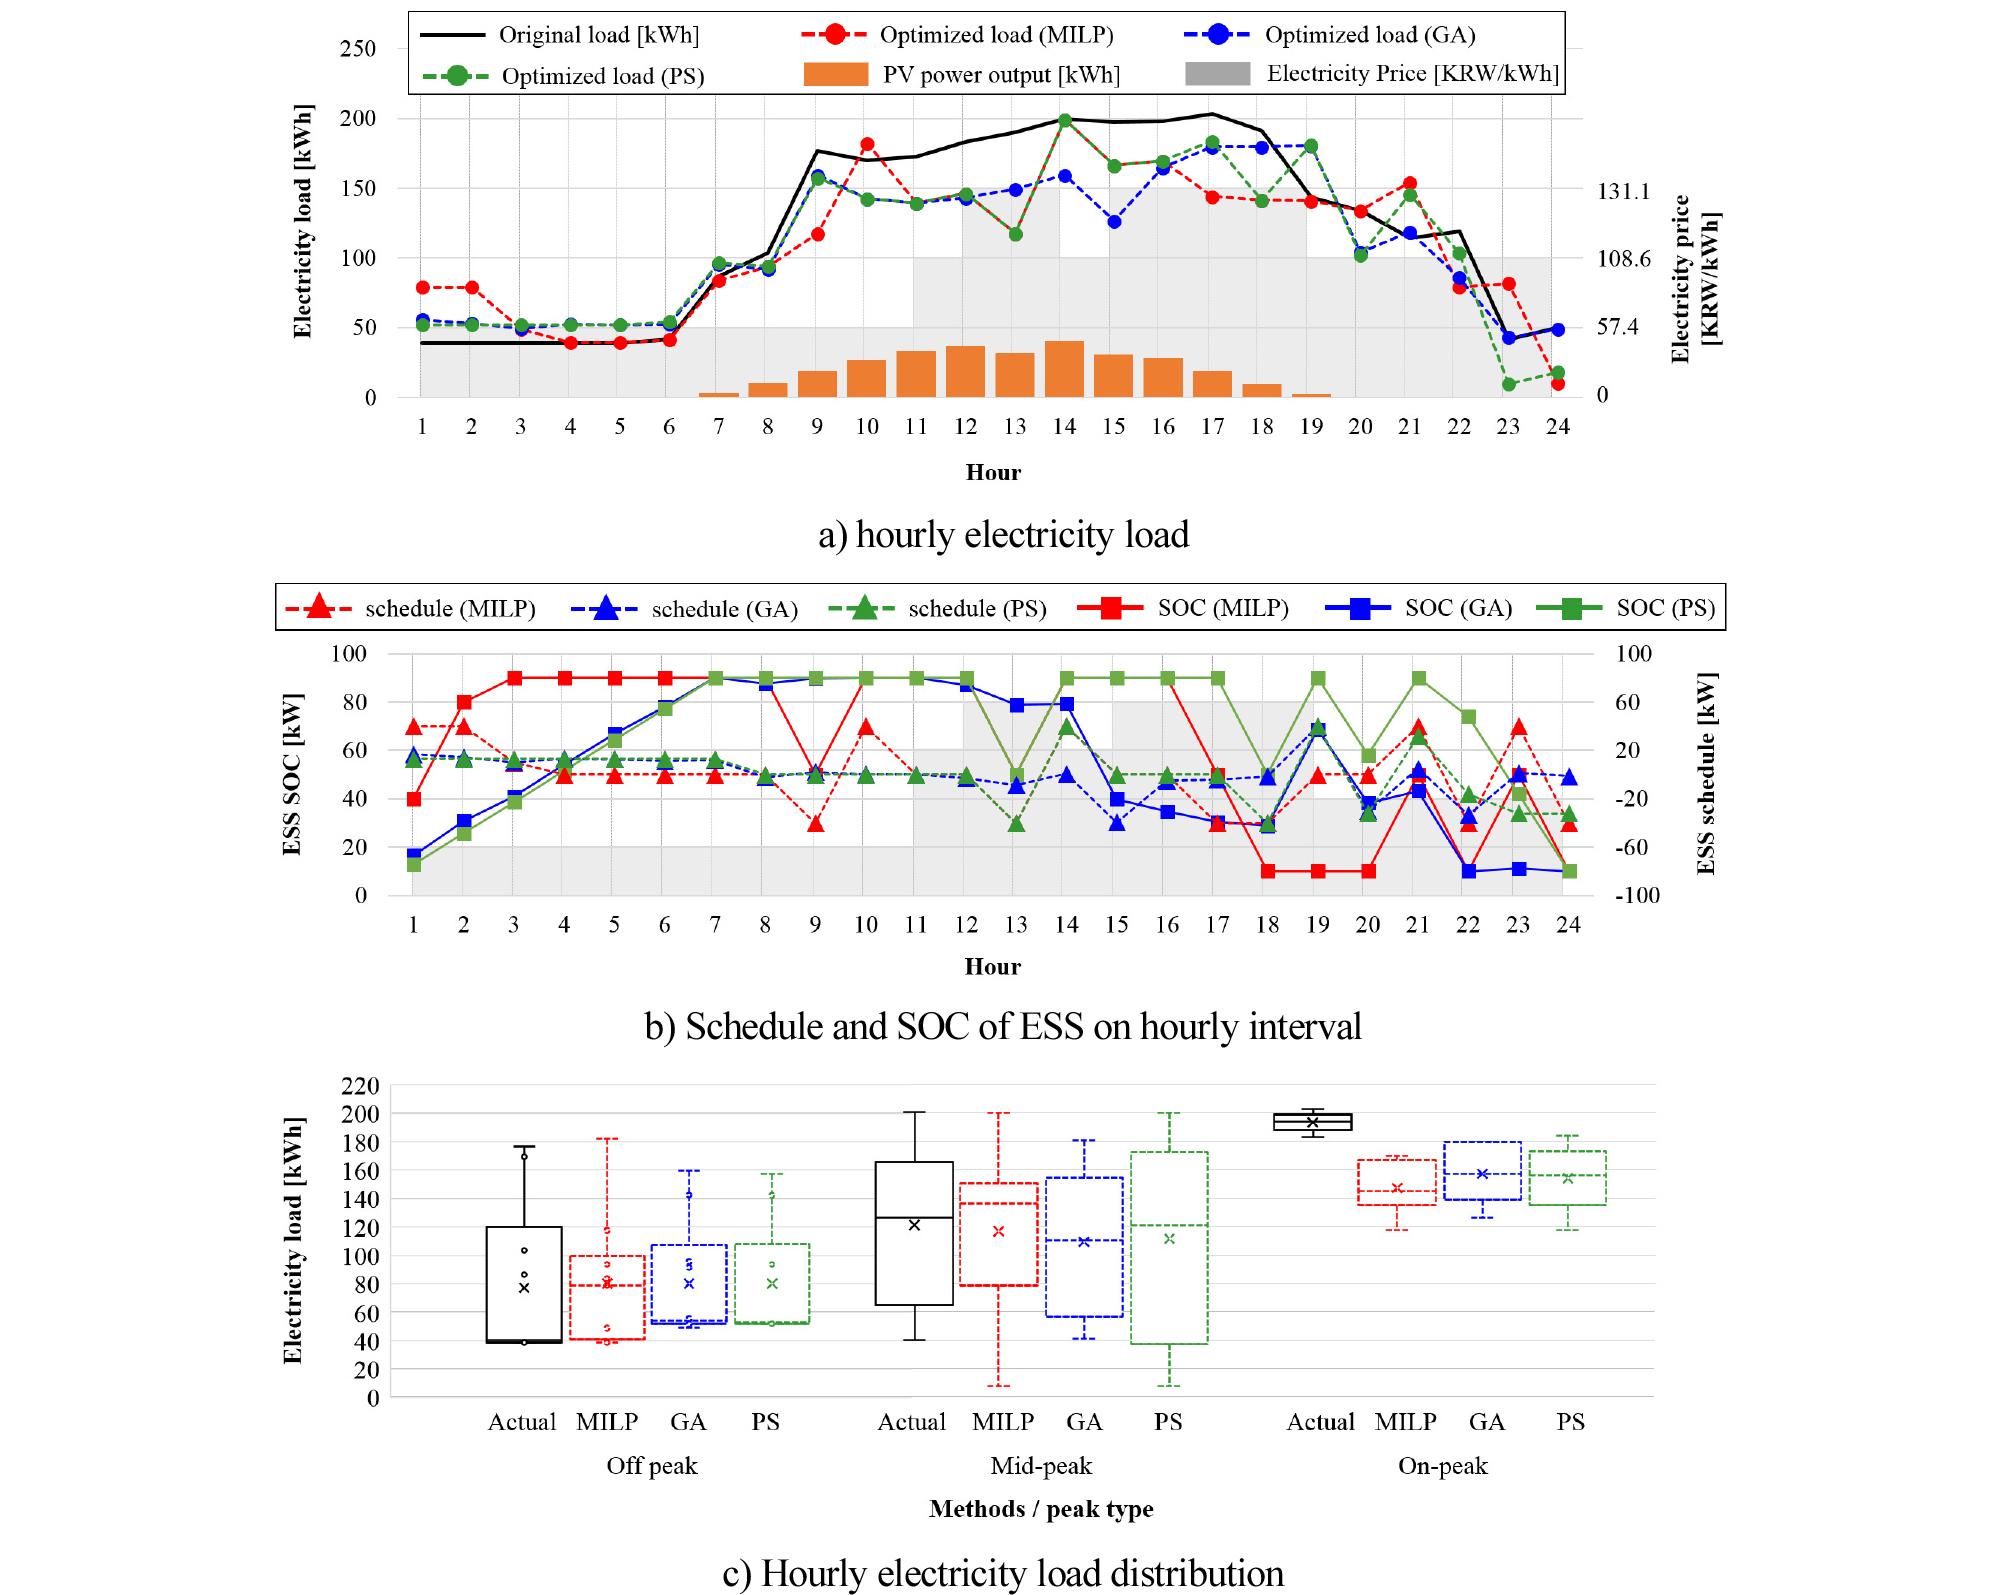 http://static.apub.kr/journalsite/sites/kiaebs/2019-013-04/N0280130404/images/Figure_KIAEBS_13_4_04_F2.jpg